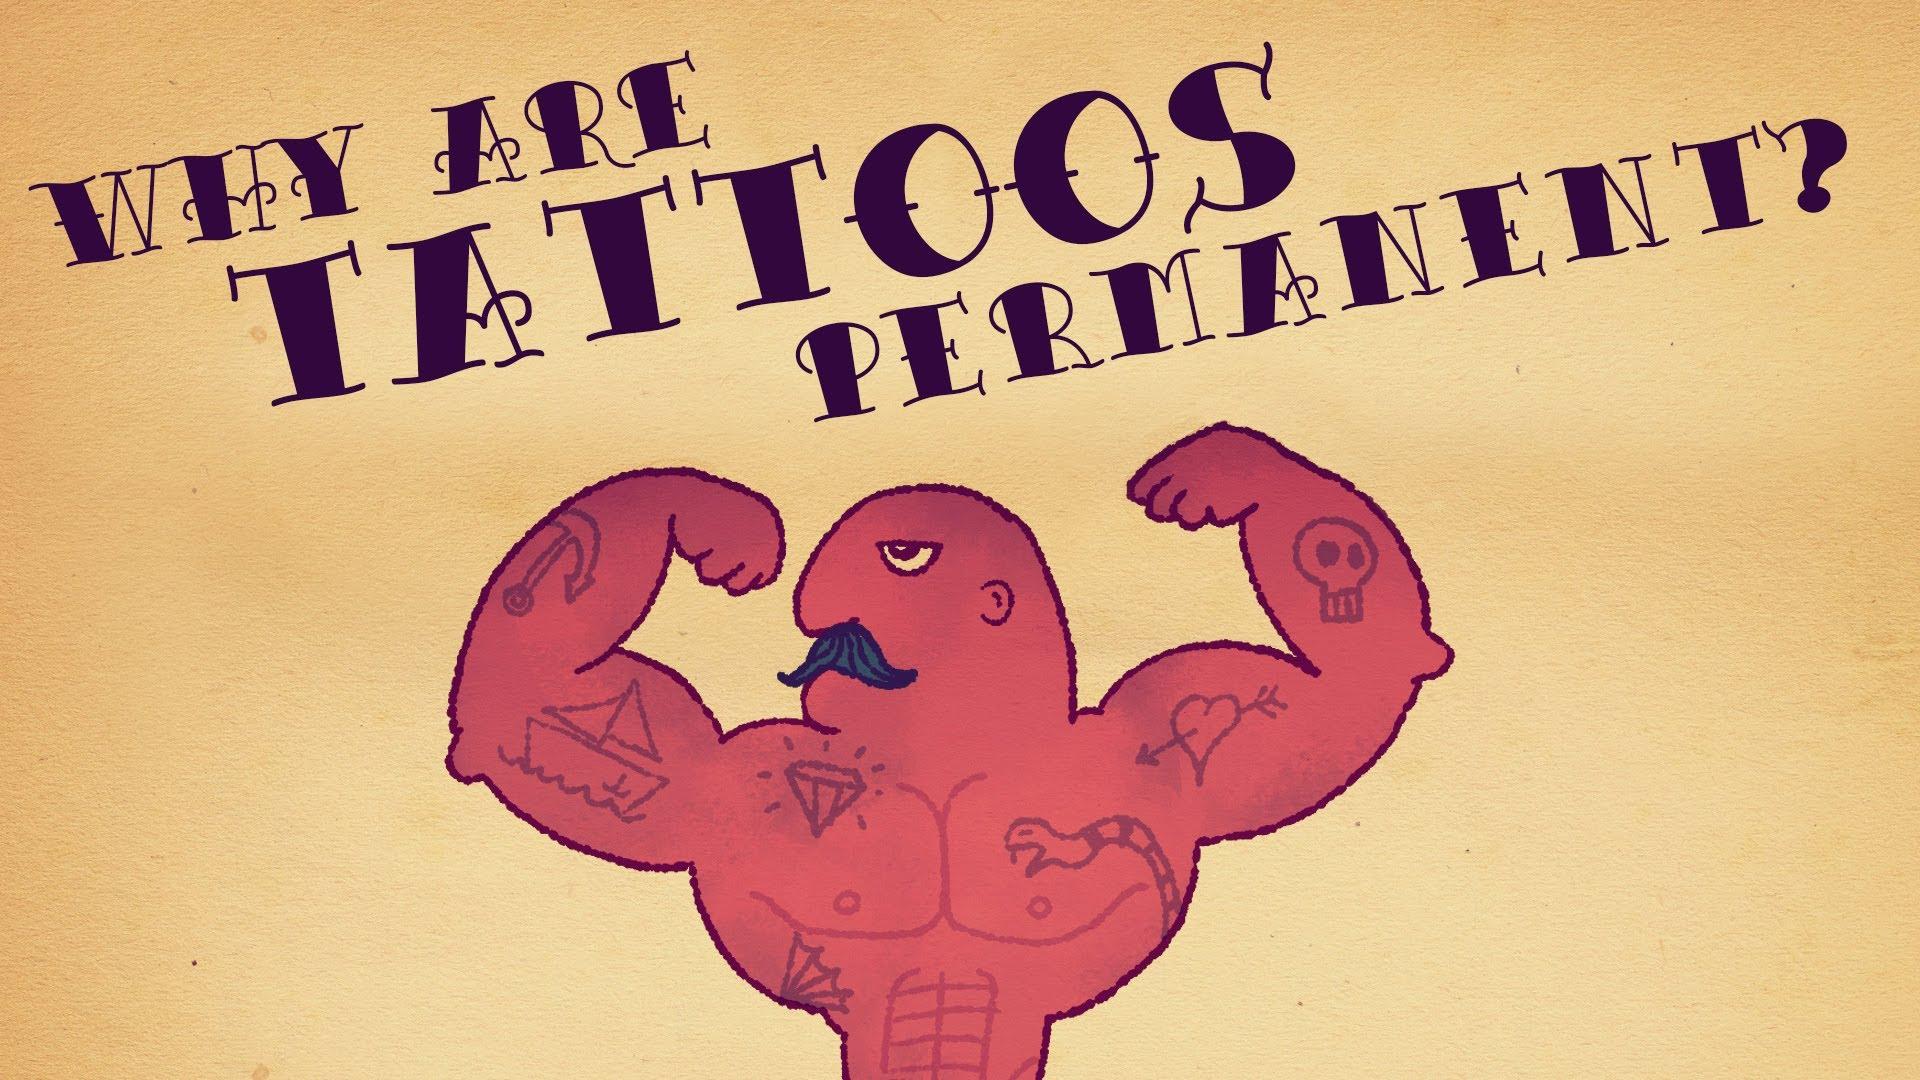 maxresdefault8I6WNHO7 Wieso sind Tattoos eigentlich so permanent?